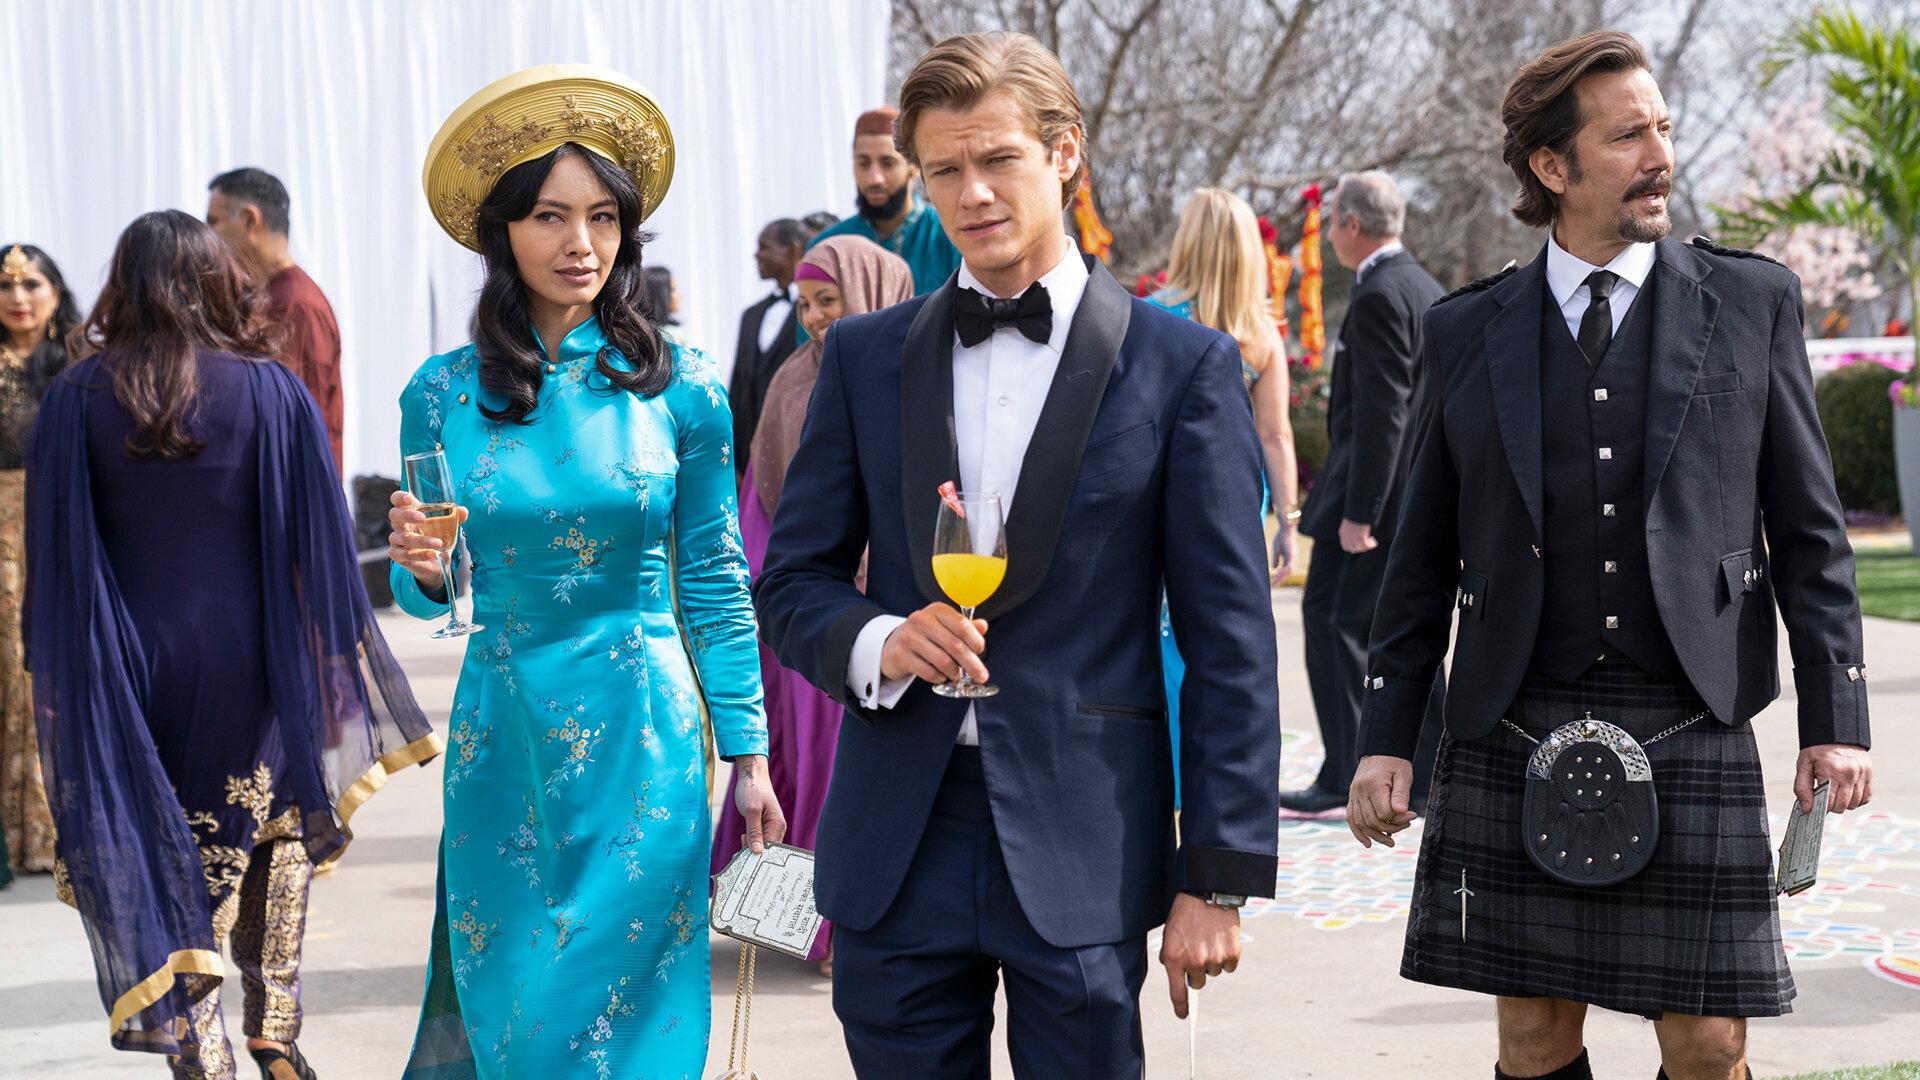 Новый агент МакГайвер — s05e12 — Royalty + Marriage + Vivaah Sanskar + Zinc + Henna